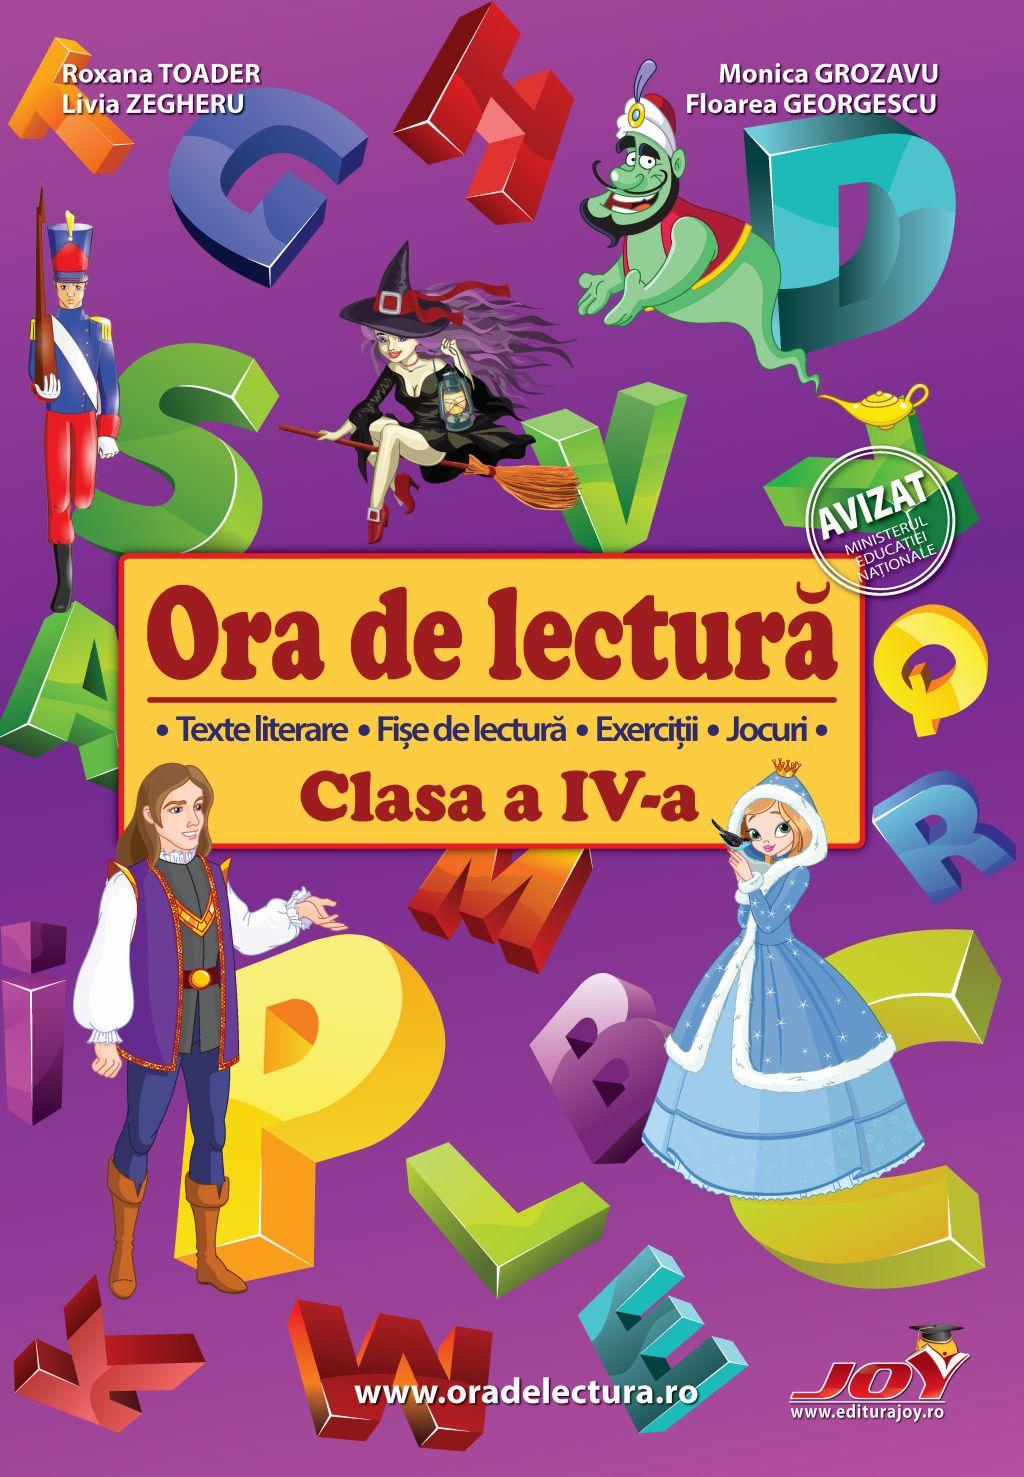 Ora de lectura pentru clasa IV-a | Roxana Toader